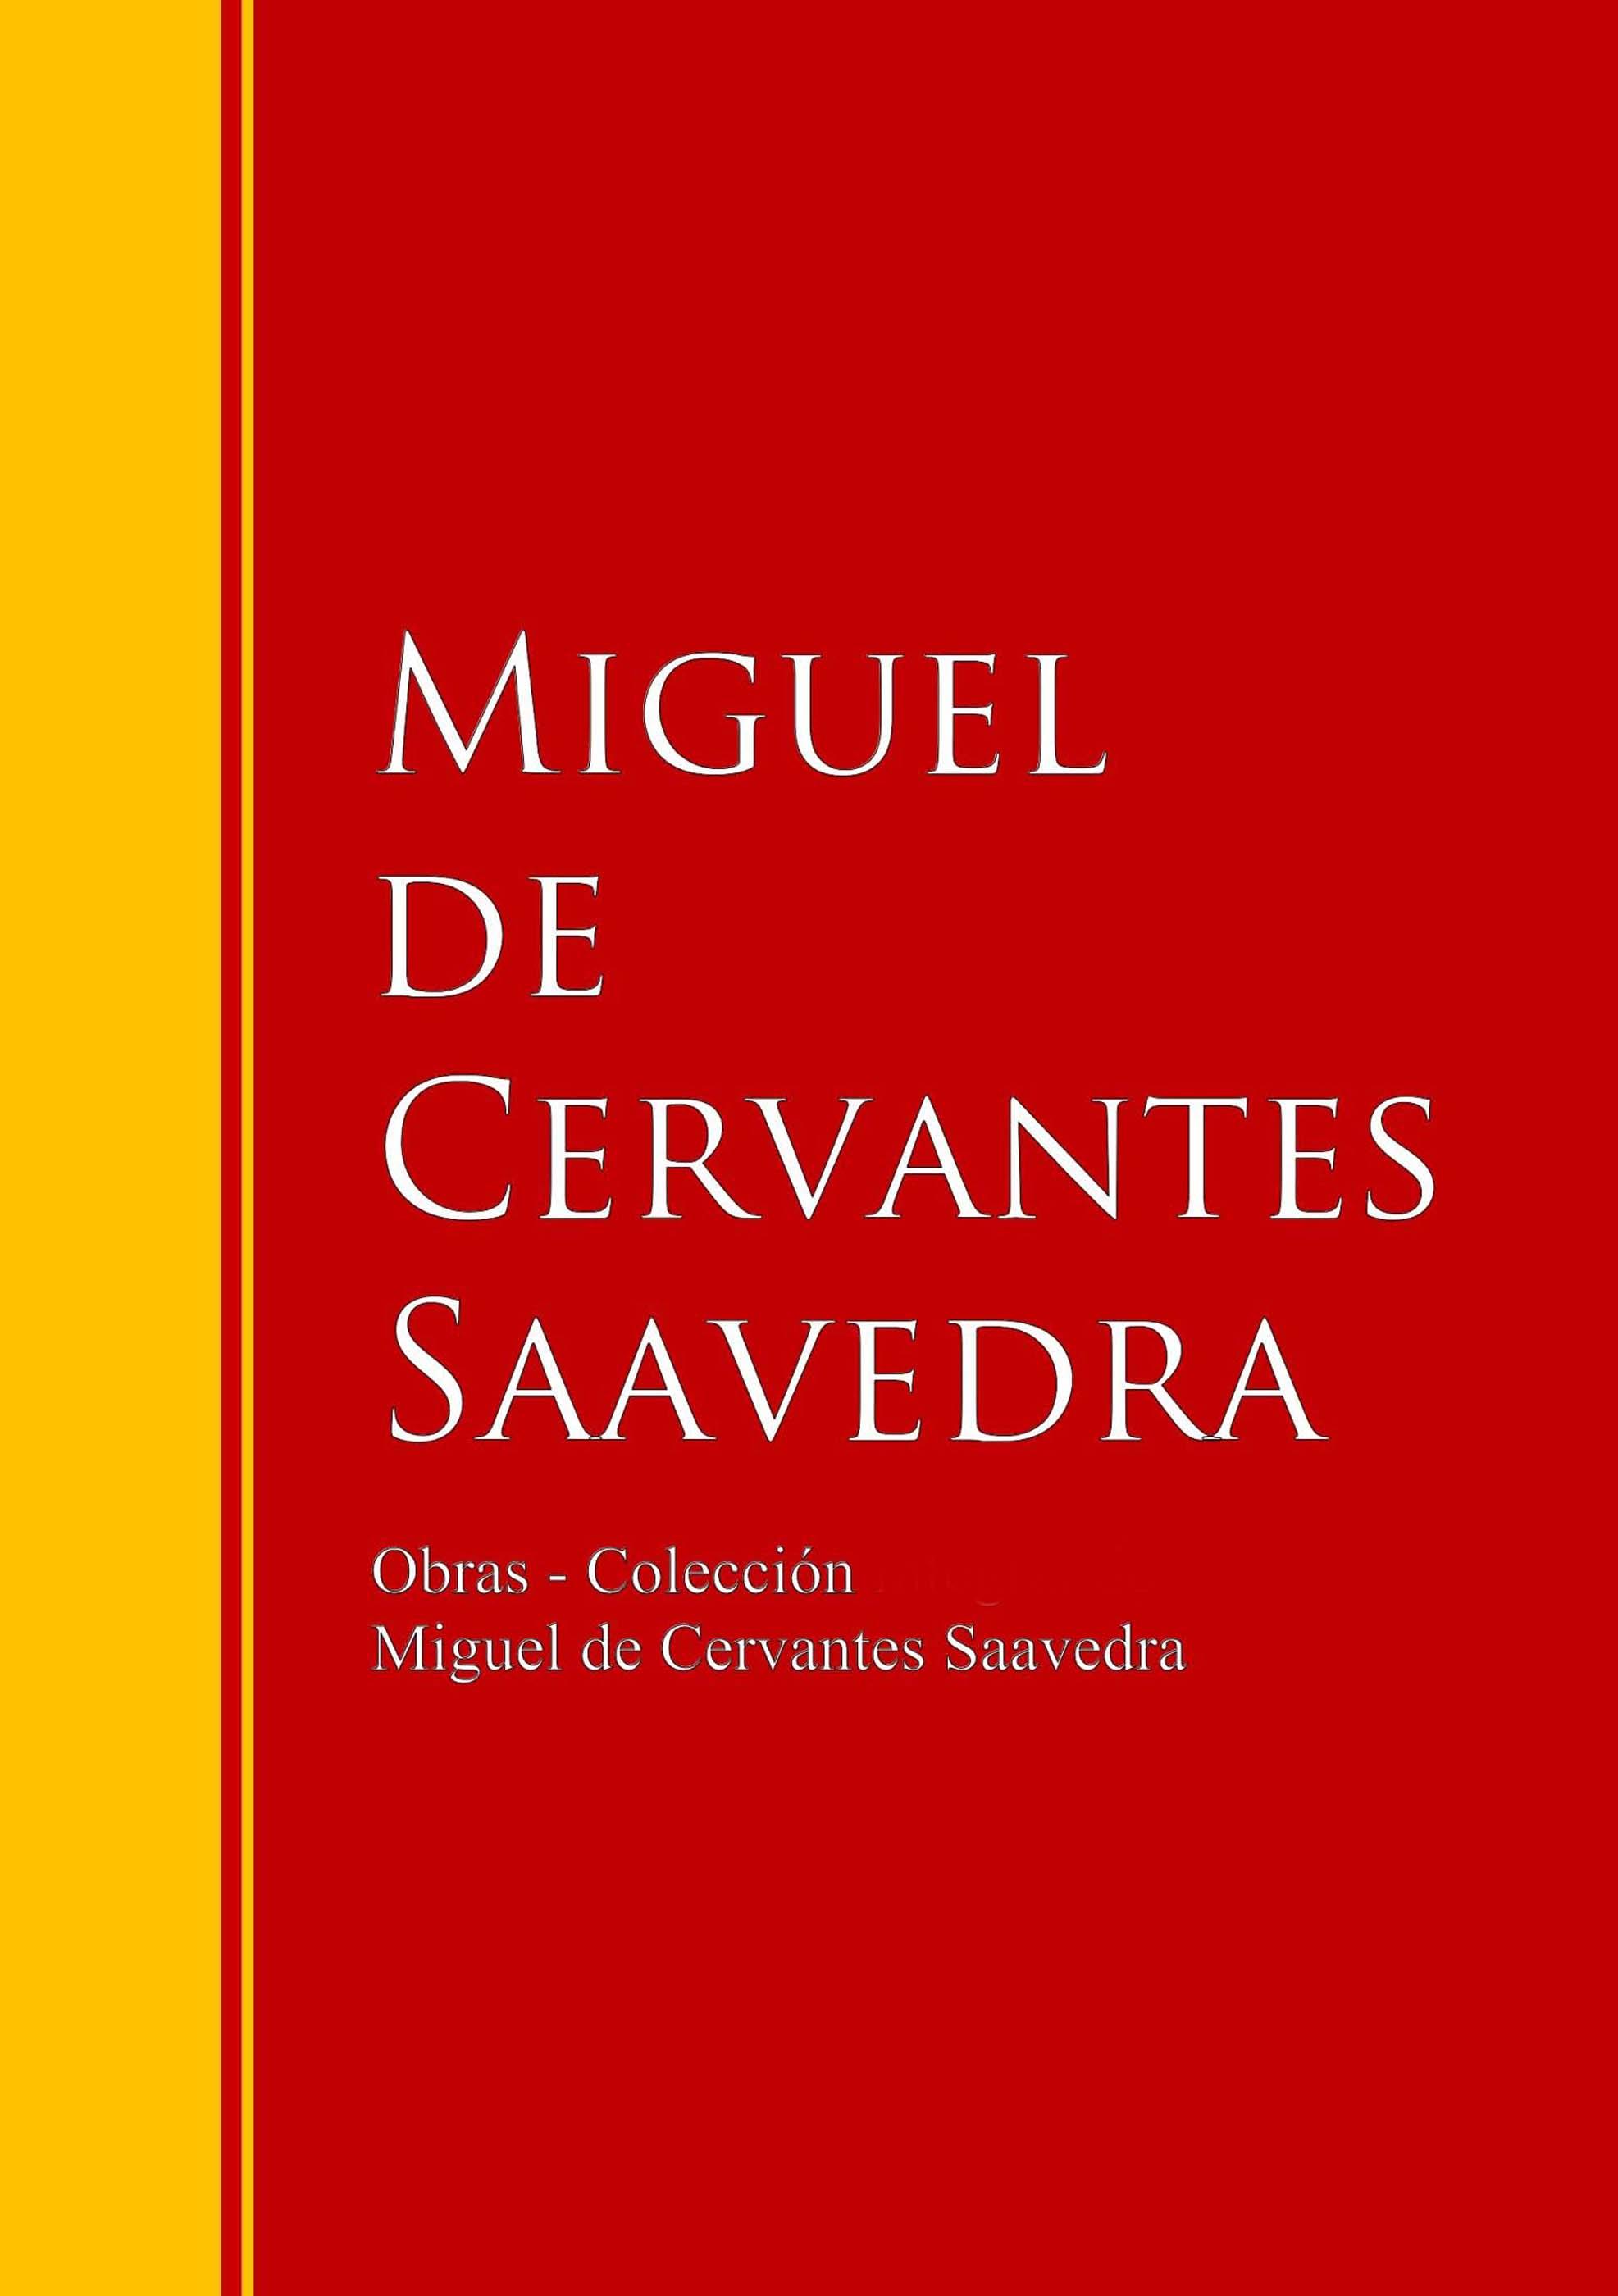 Miguel de Cervantes Saavedra Obras - Colección de Miguel de Cervantes luis miguel mexico